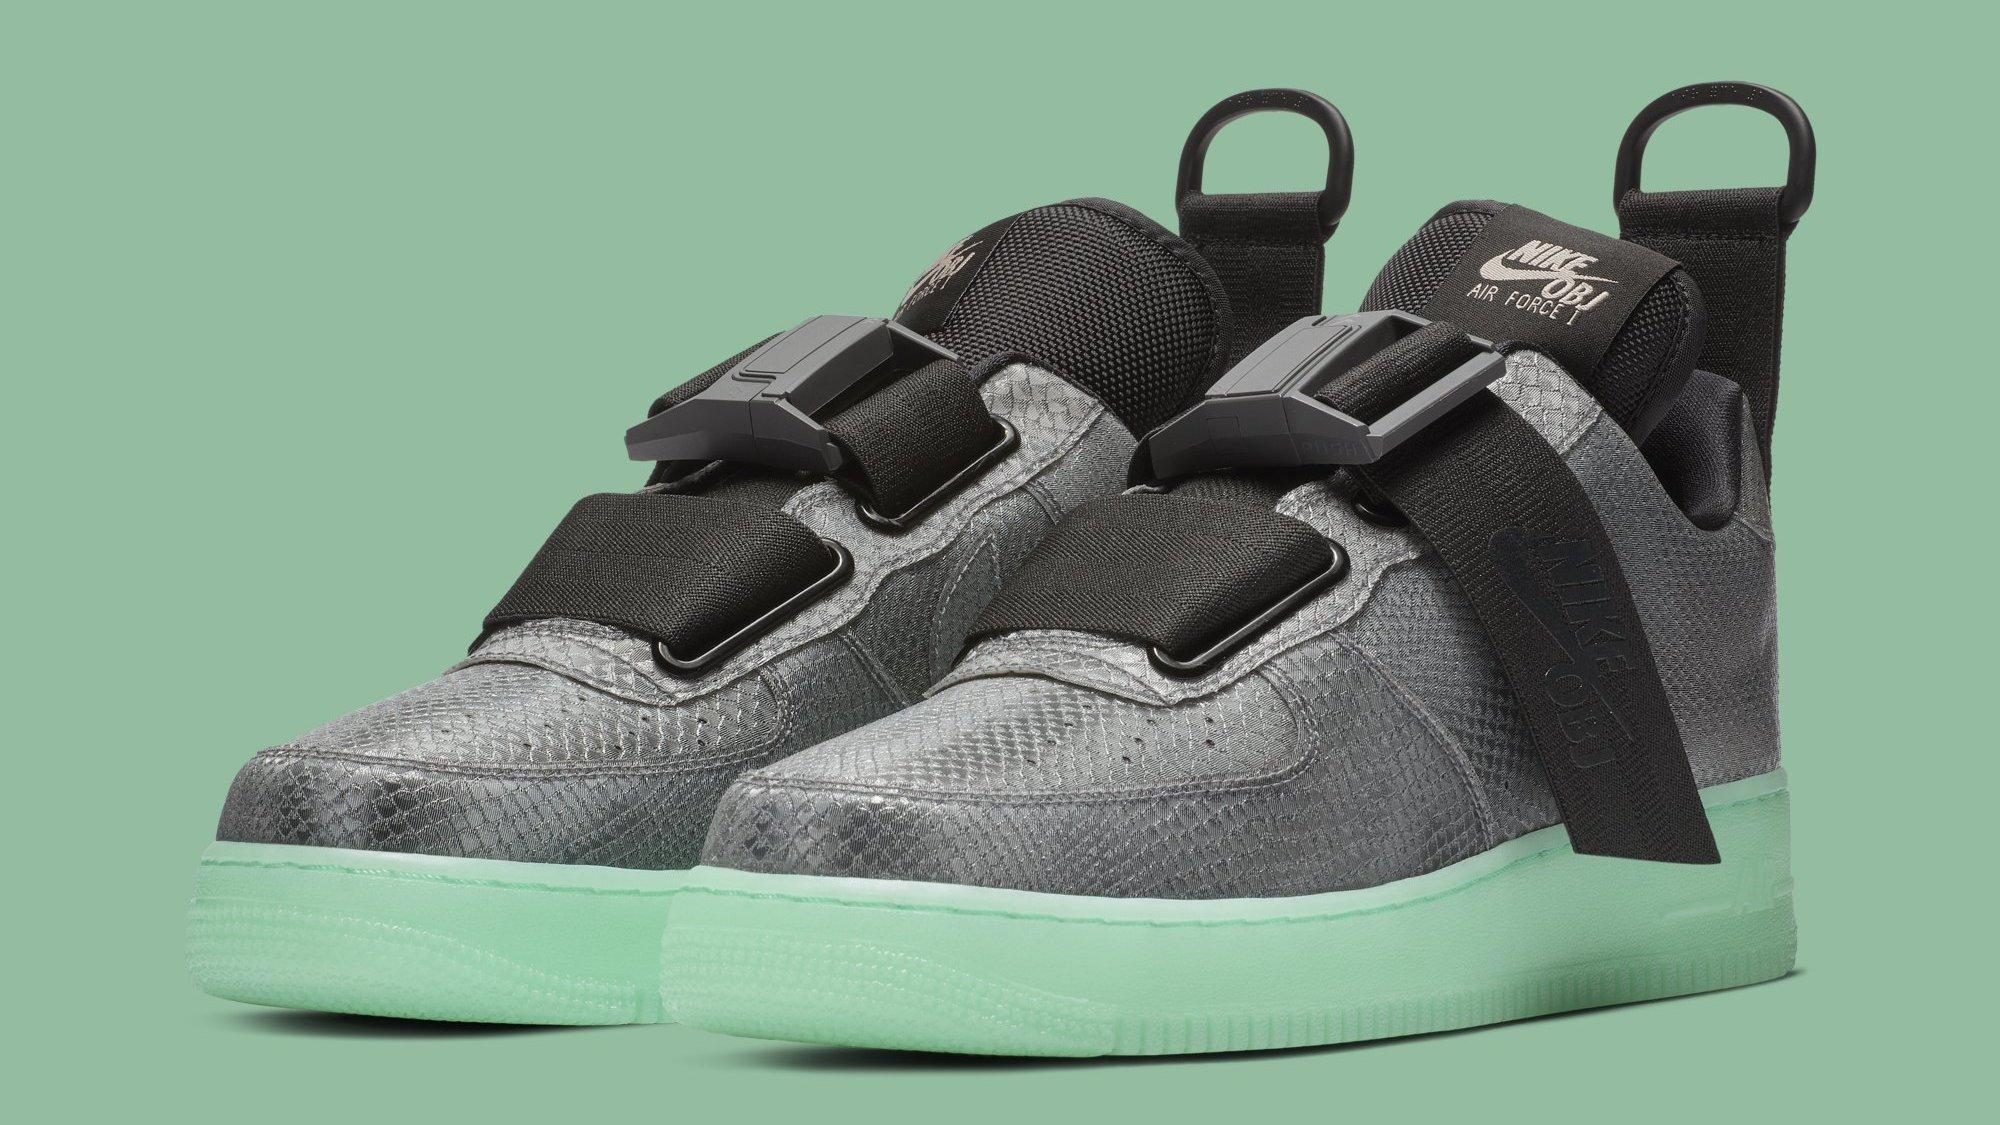 'obj' DateSole Utility Air Nike Release 001 1 Av2040 Low Force Y2I9eWEDH